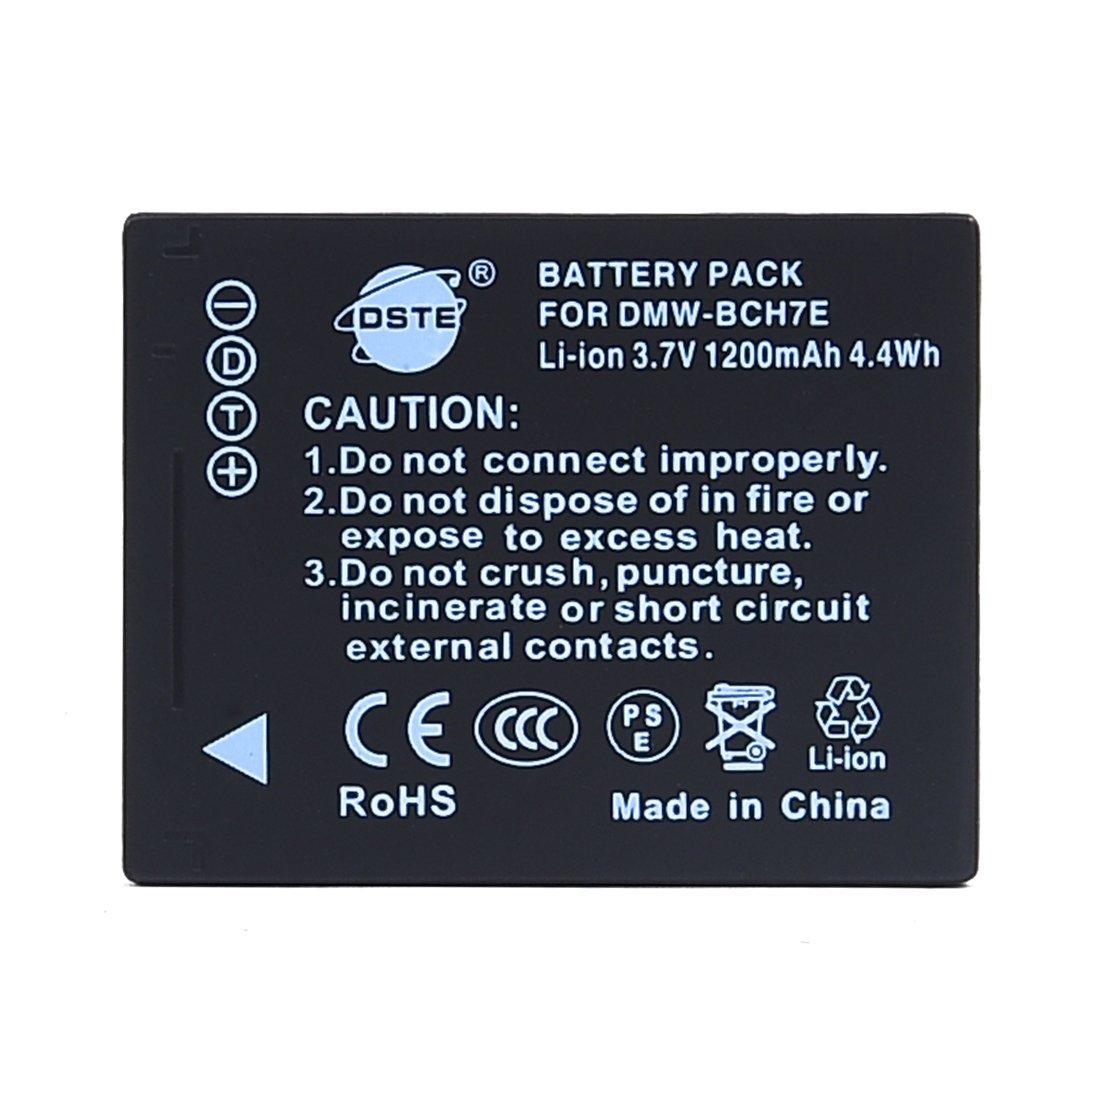 DSTE DMW-BCH7E Replacement Li-ion Battery for Pansonic Lumix DMC-FP1 DMC-FP2 DMC-FP3 DMC-FT10 DMC-TS10 Camera as DMW-BCH7 DMW-BCH7PP